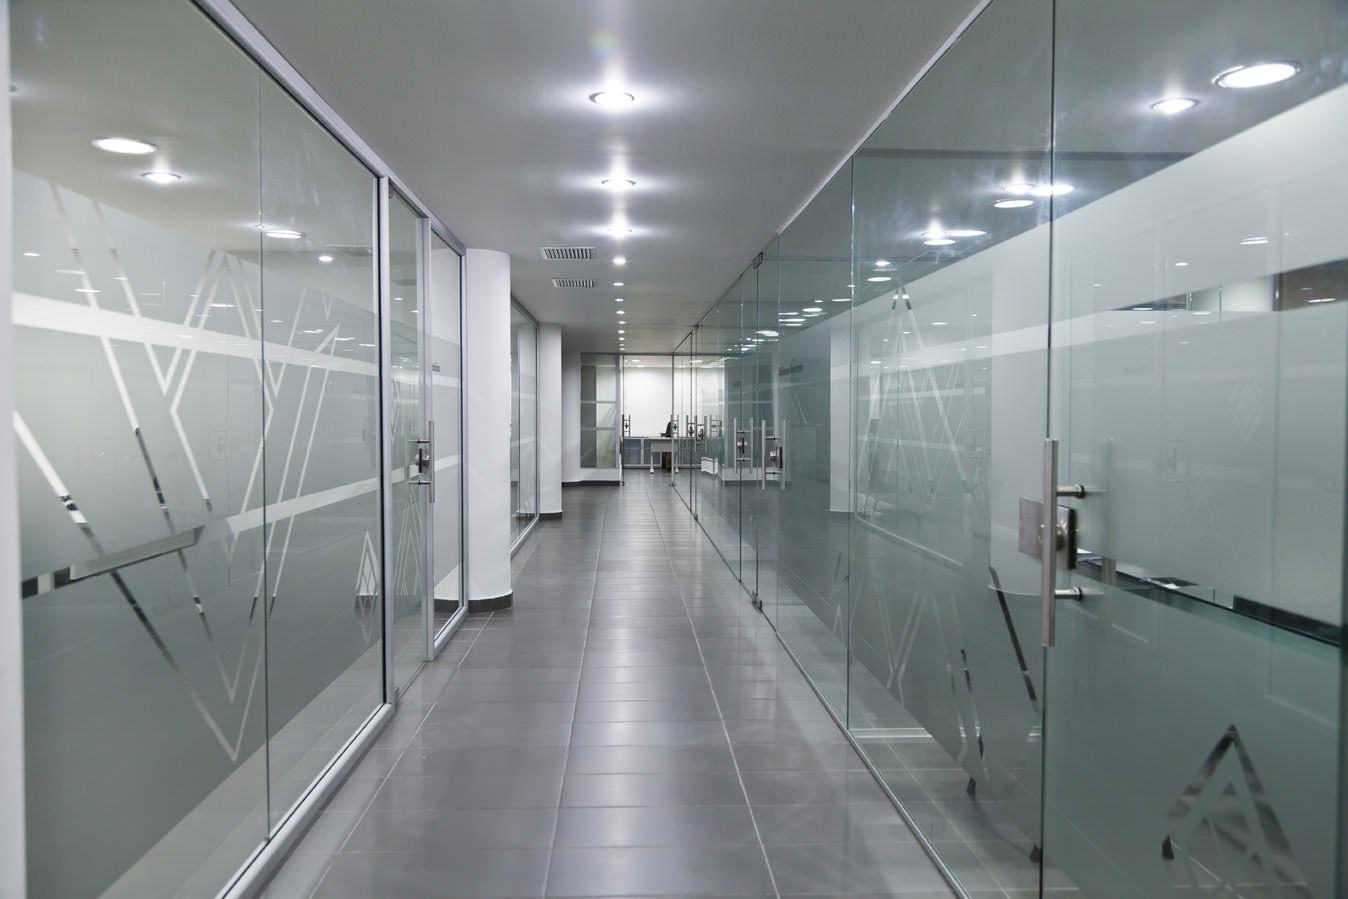 Traslado oficina bogot ventanar for Oficina xiaomi bogota